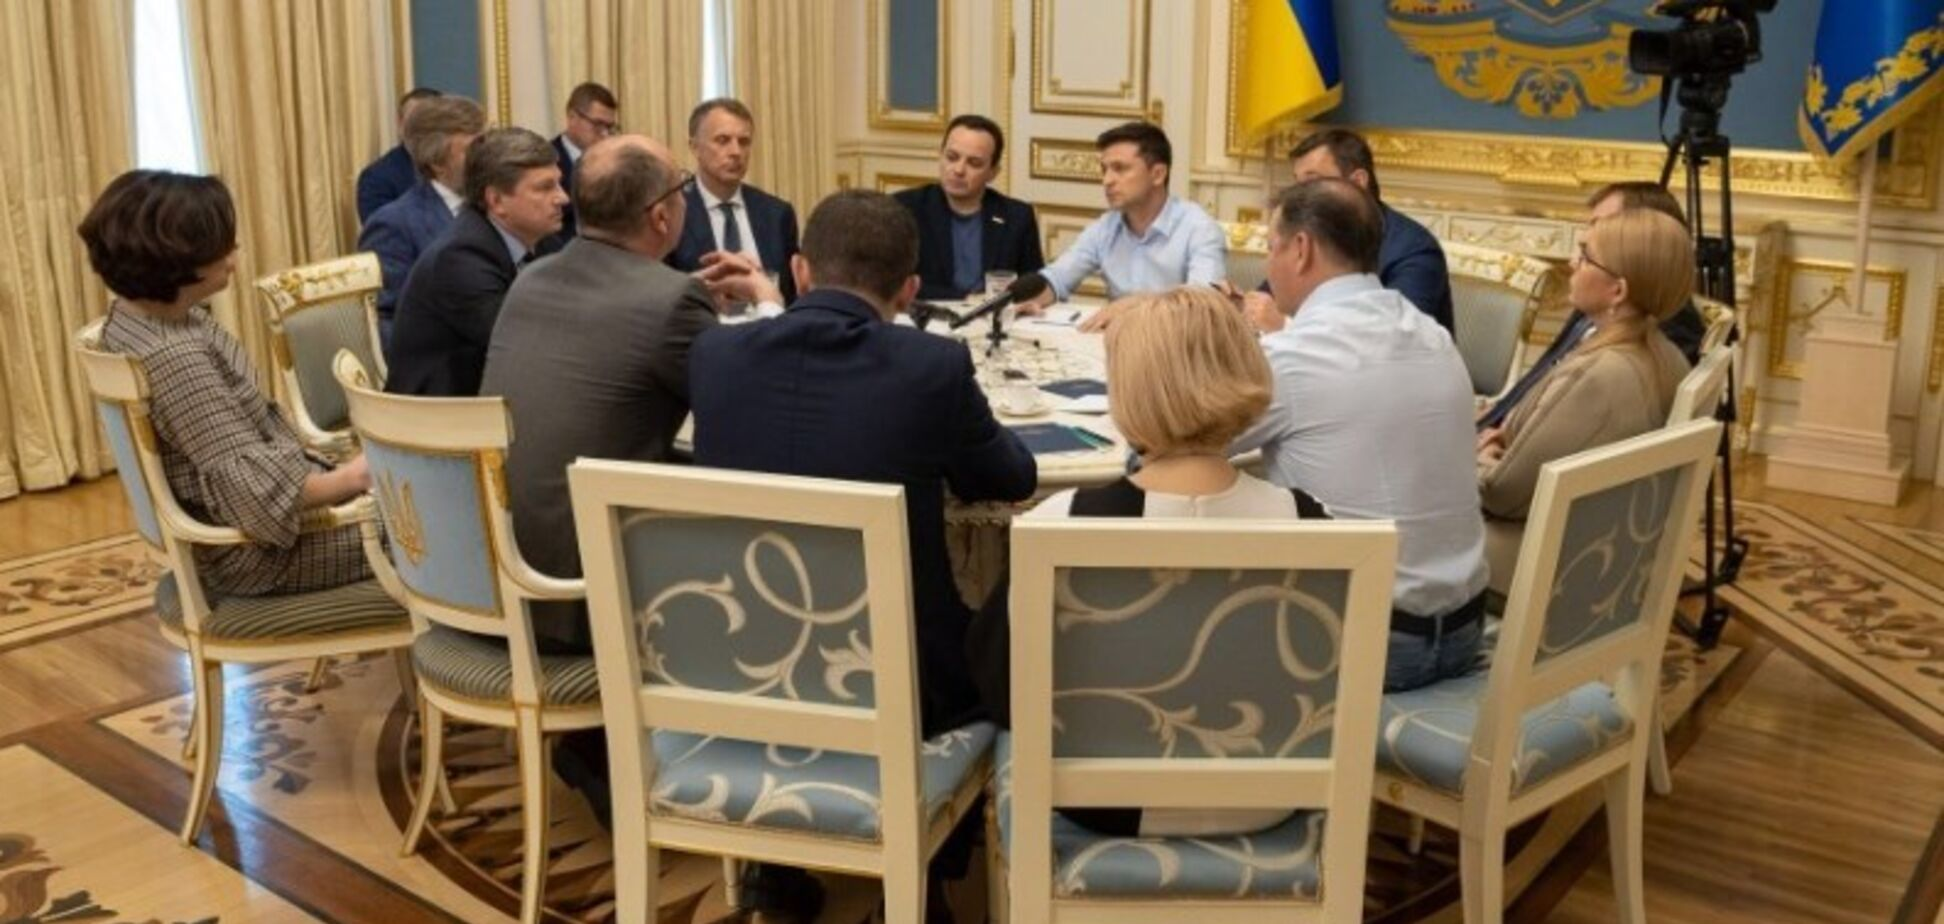 Договоренности нардепов и Зеленского: стало известно, как пройдут внеочередные выборы в Раду